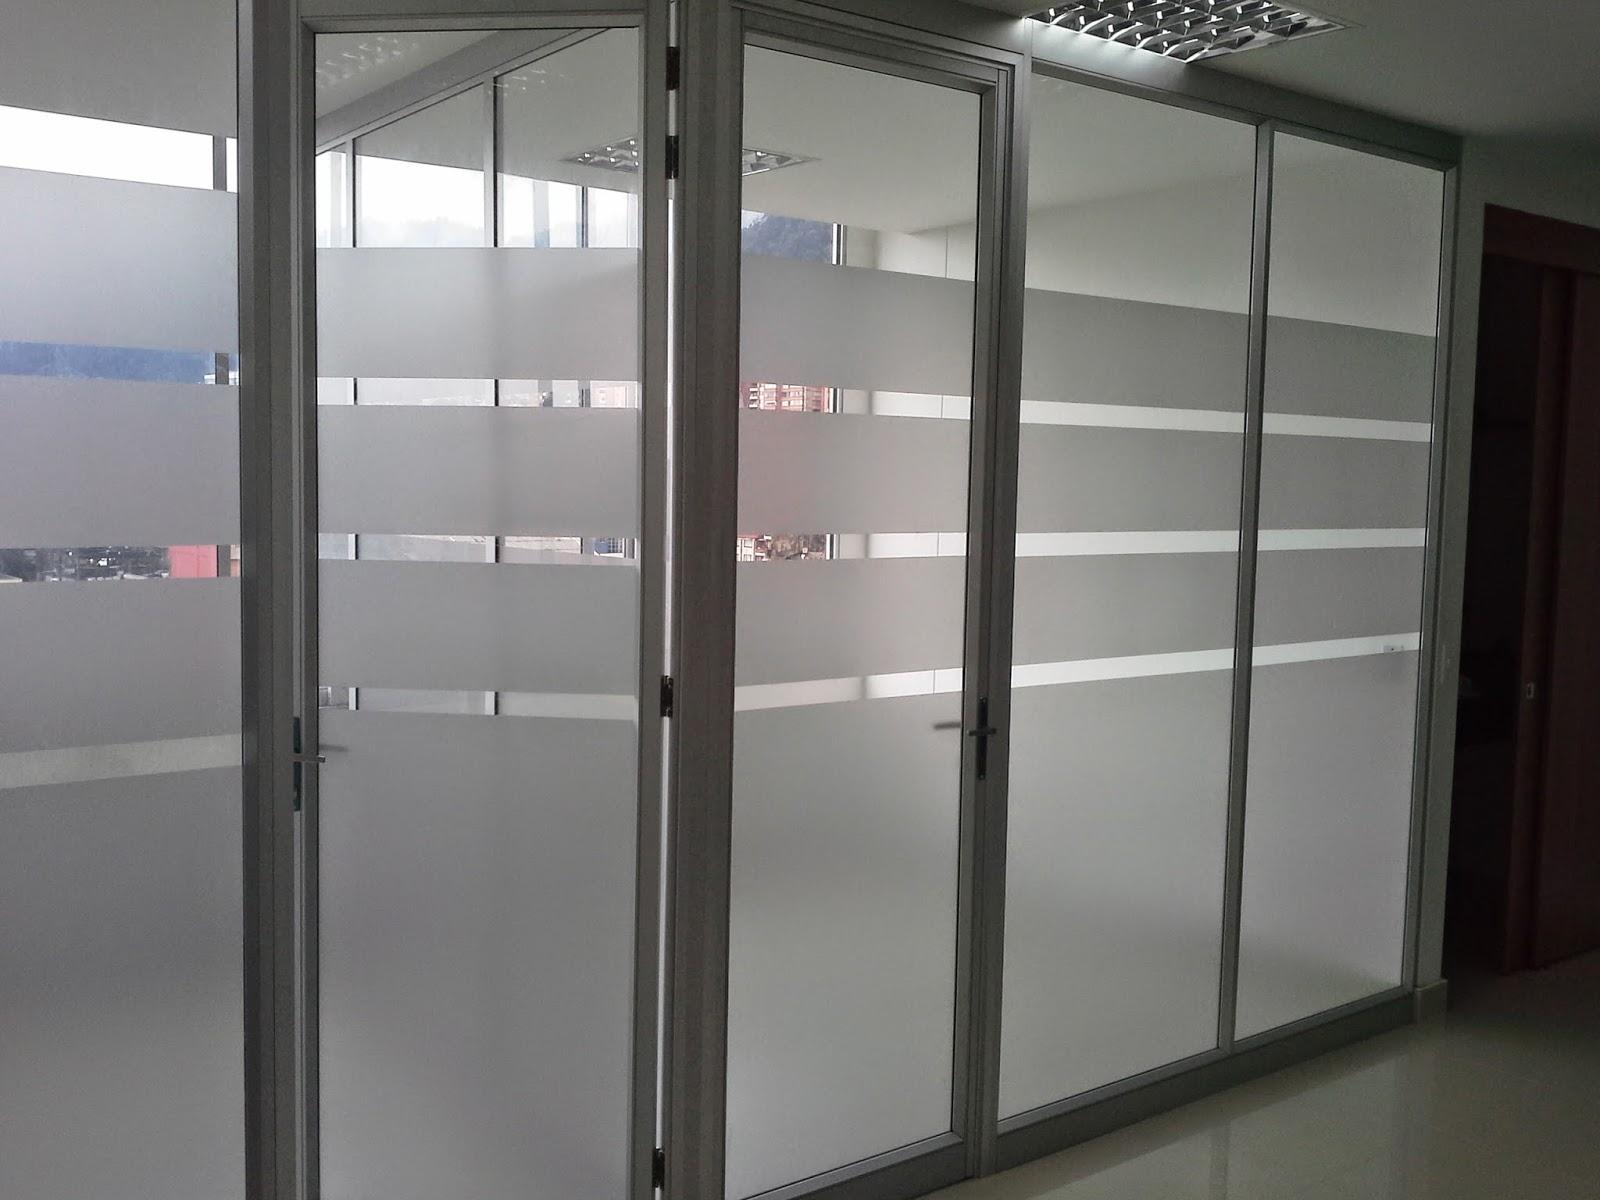 Arquilum Ltda Divisiones Para Oficina